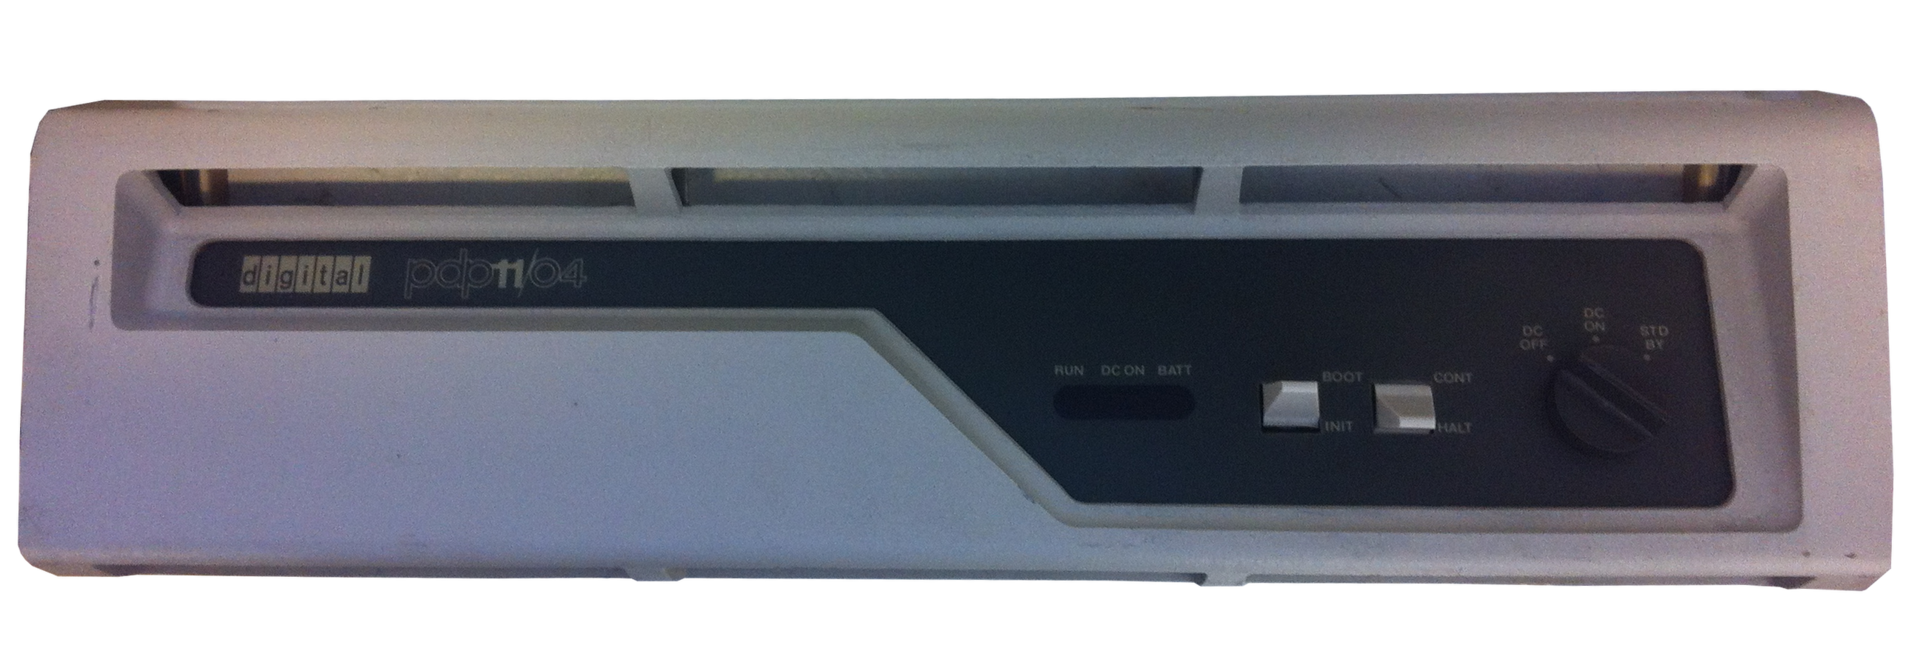 Восстановление PDP 11-04 - 1